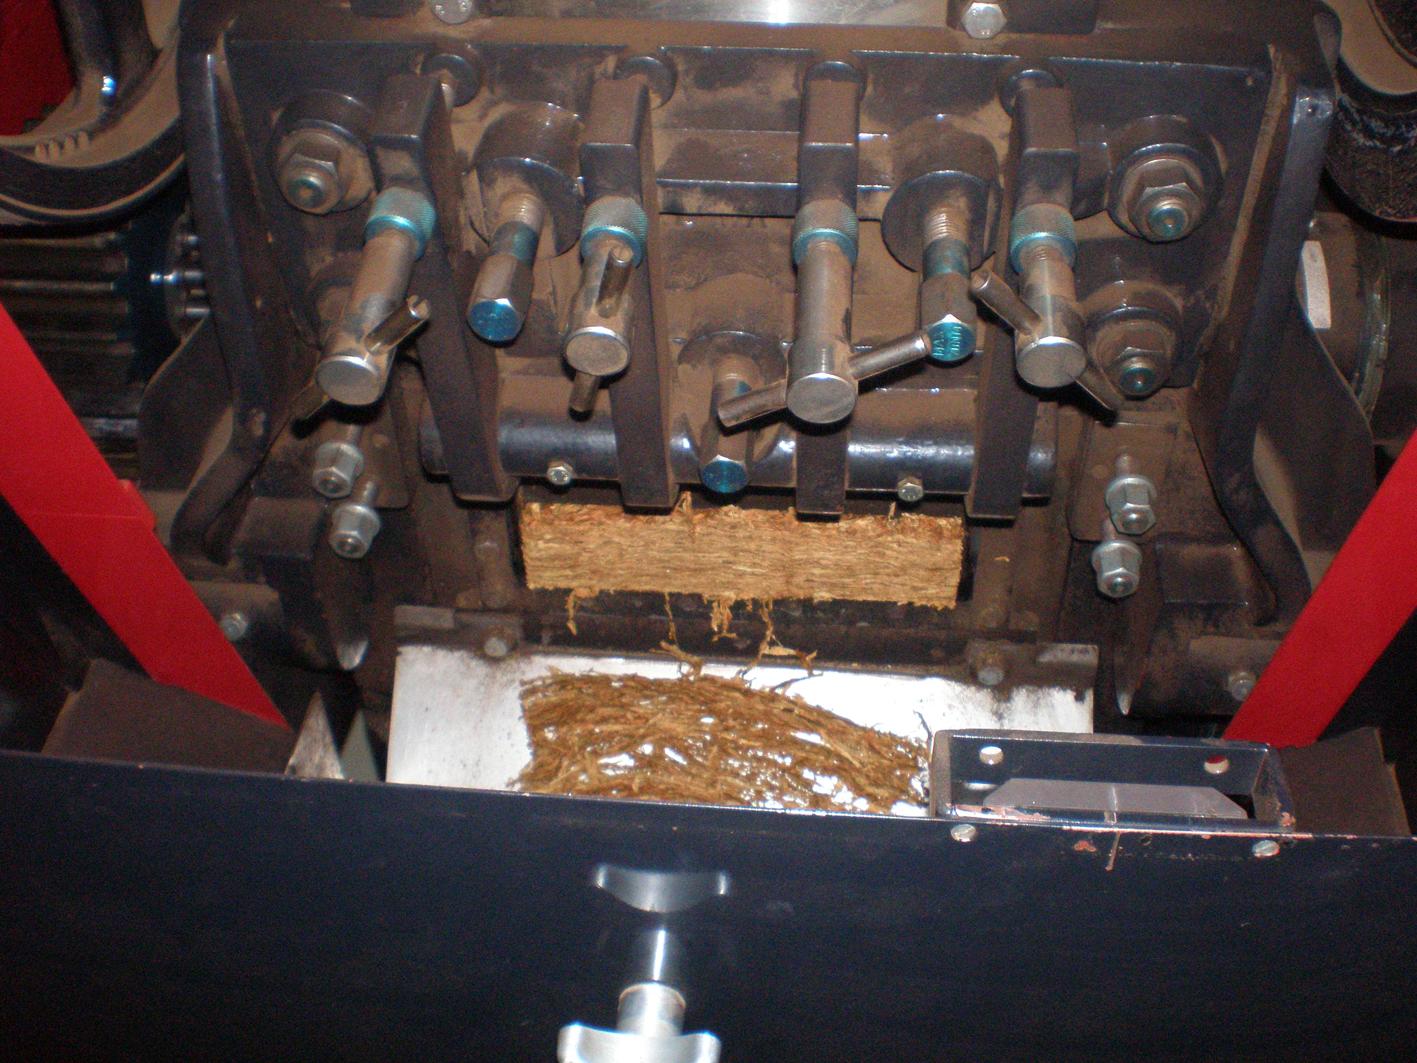 Fine Cut Tobacco Tobacco Cutting Machine at Dtm